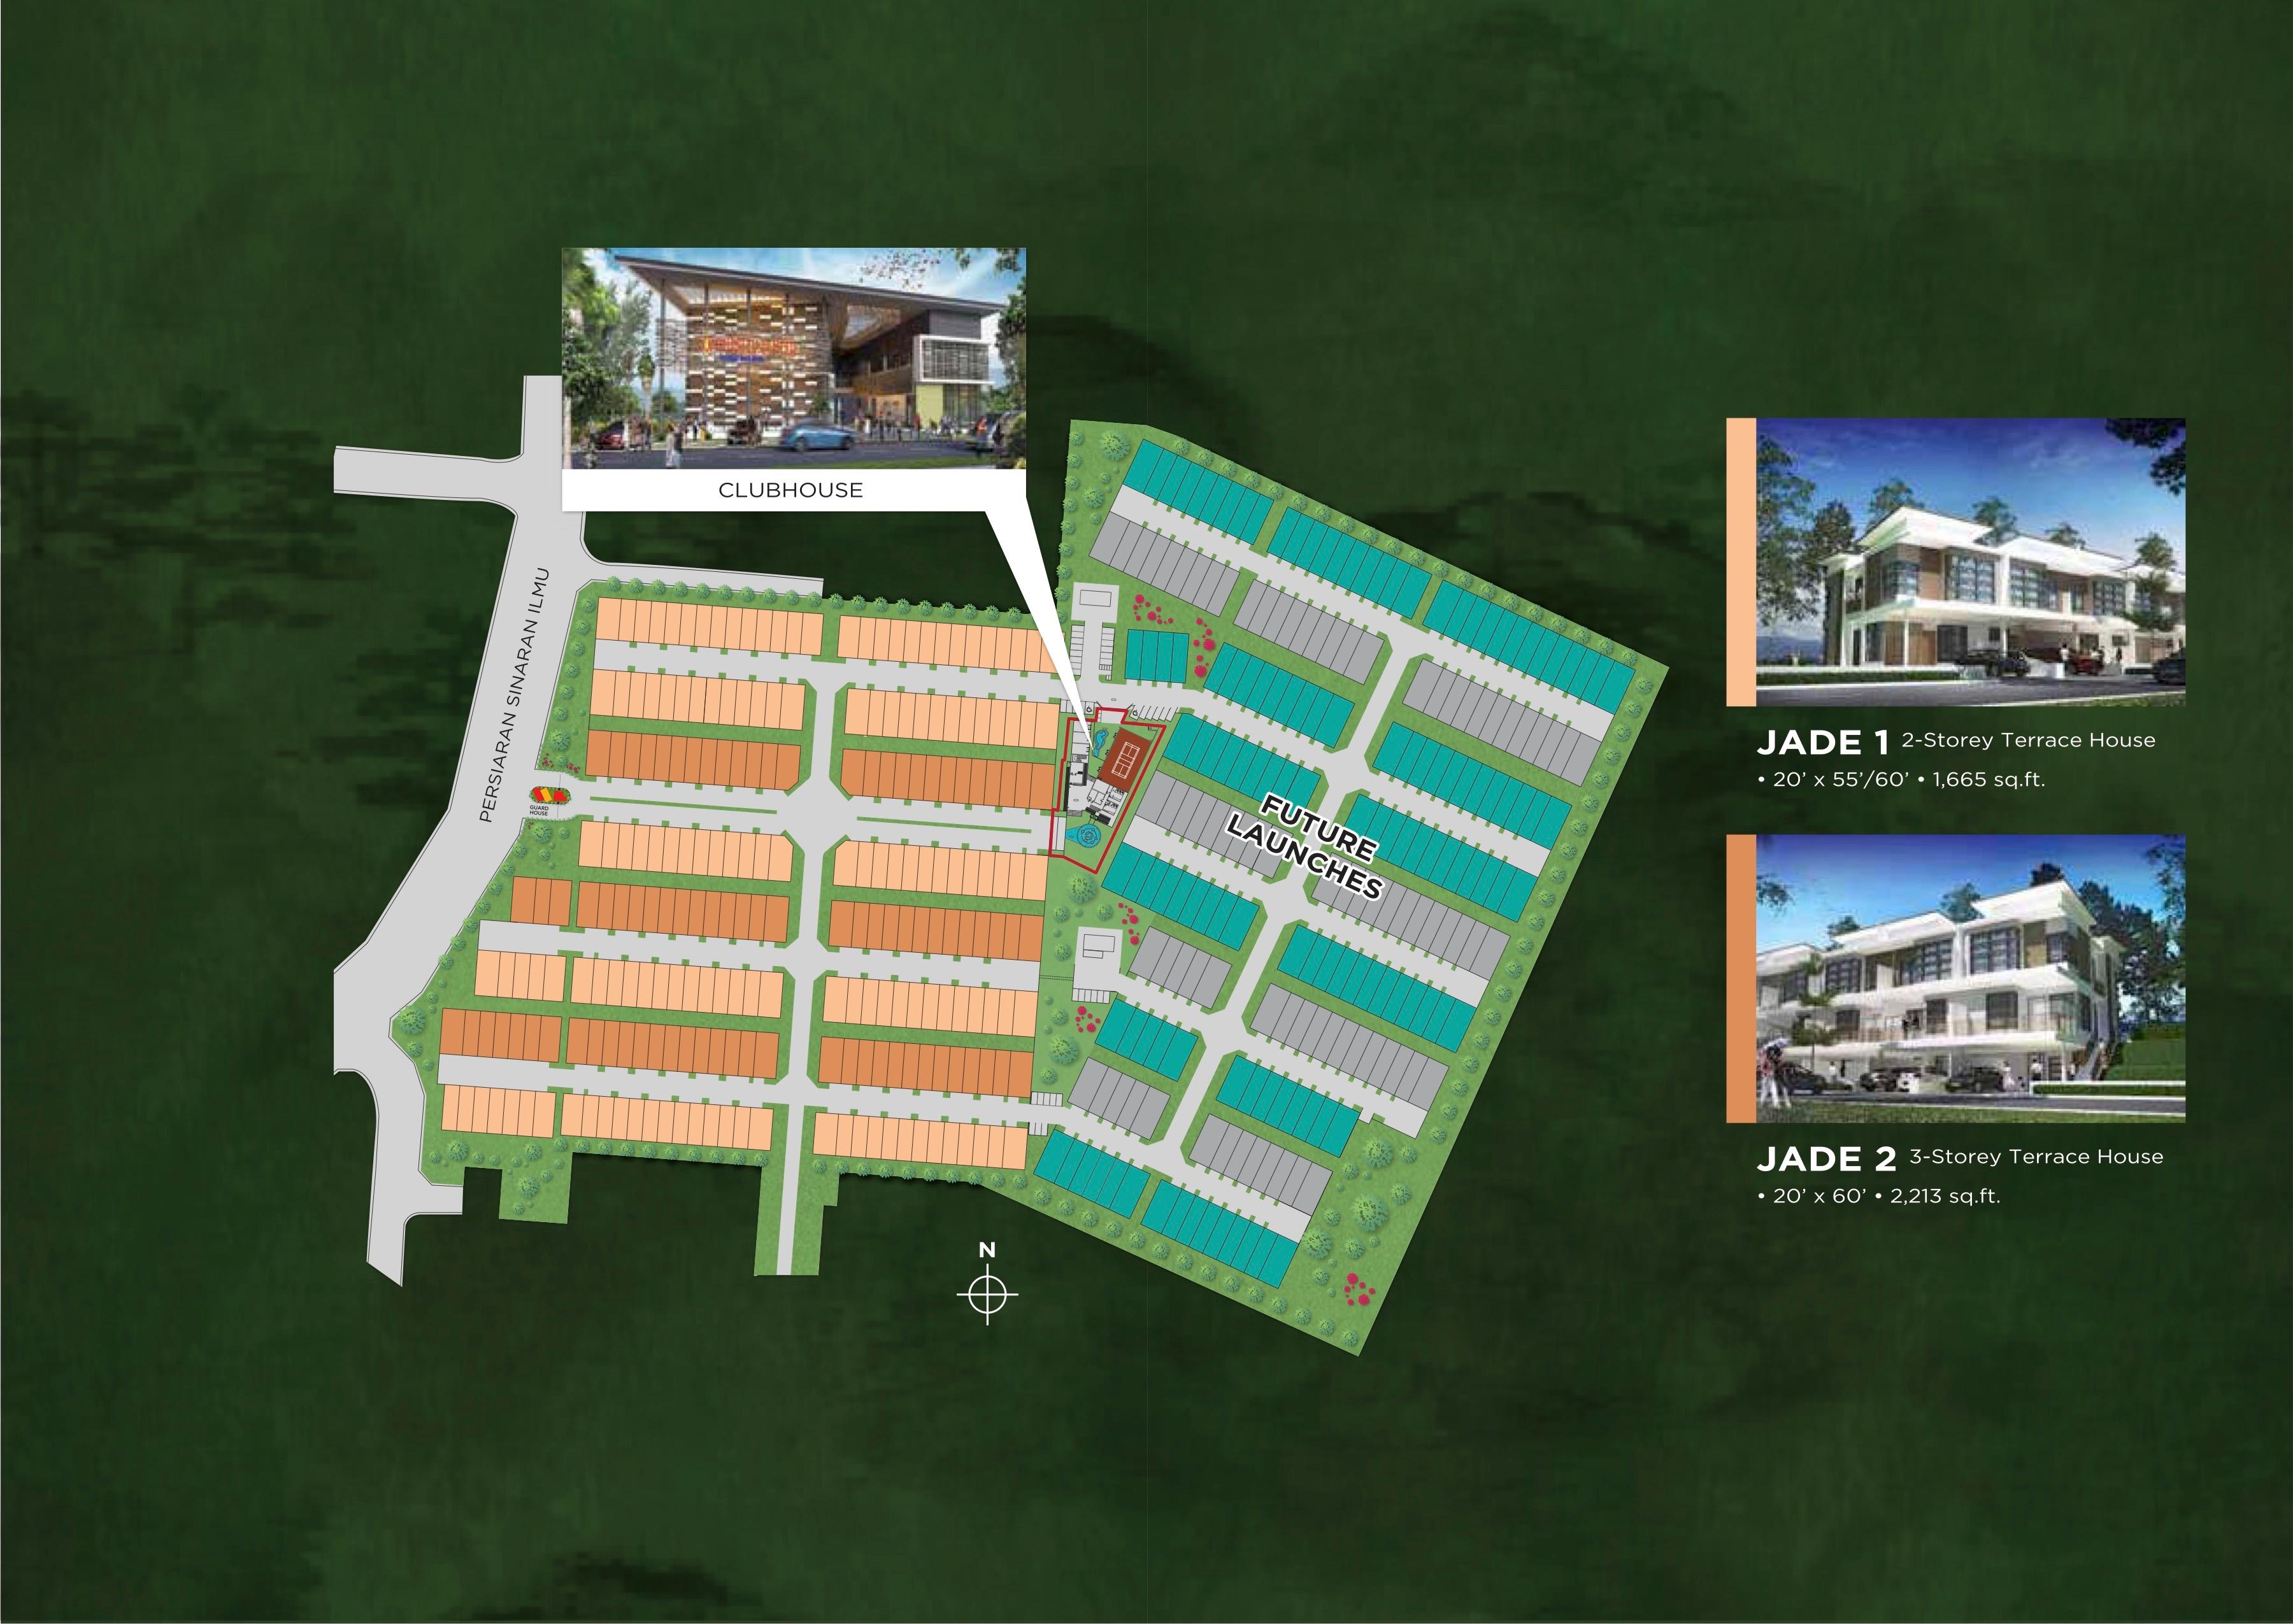 Site Plan of Imperial Jade